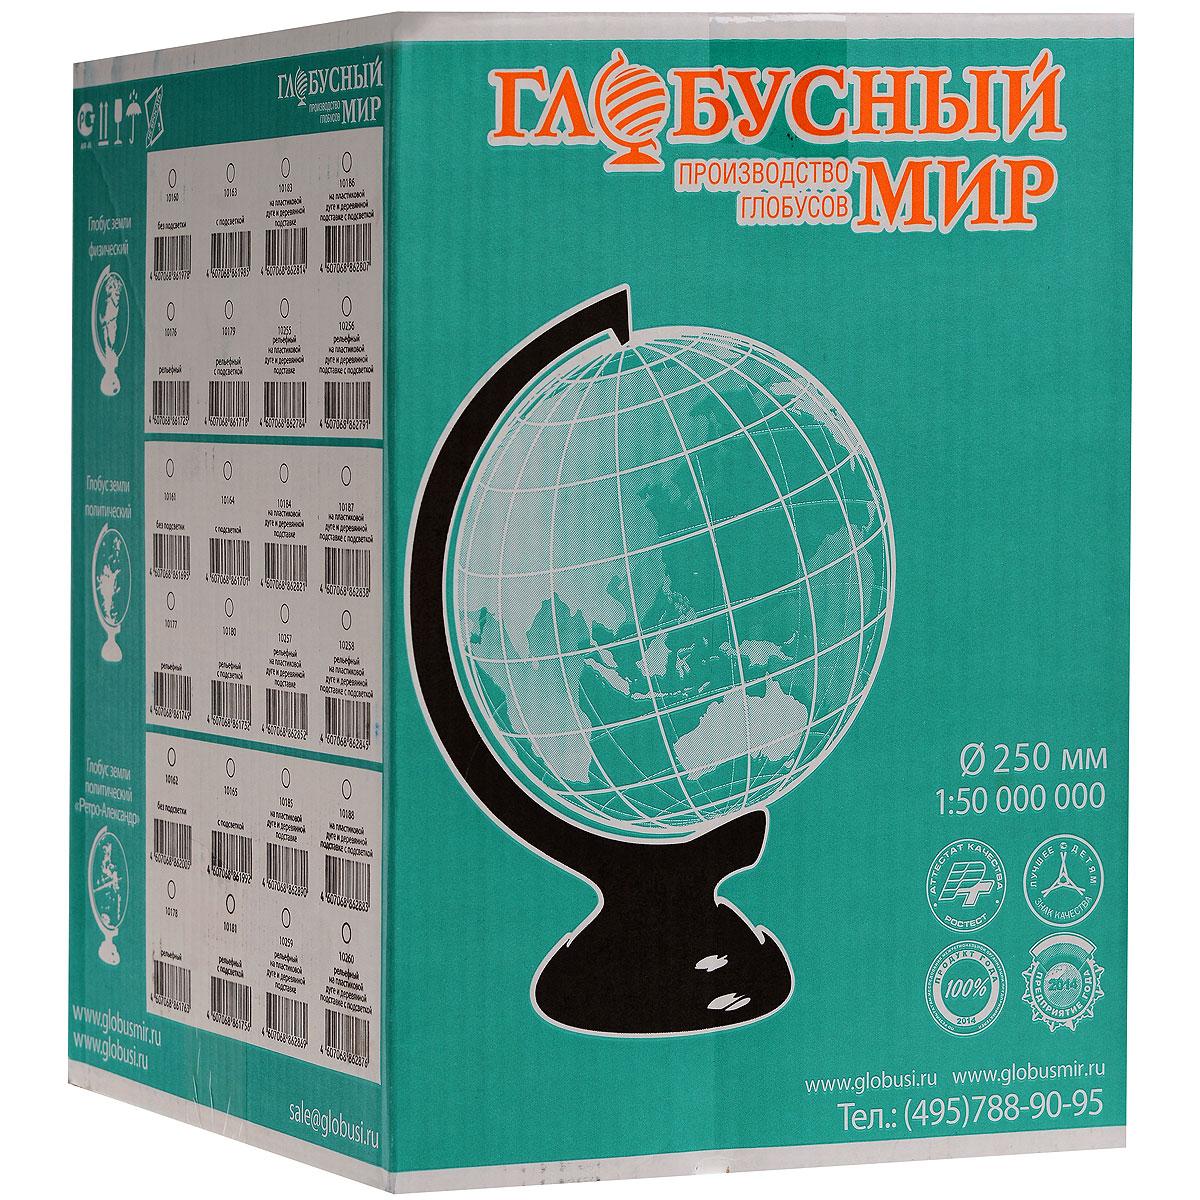 Глобусный мир Глобус с политической картой мира, рельефный, диаметр 25 см, на деревянной подставке Глобусный мир